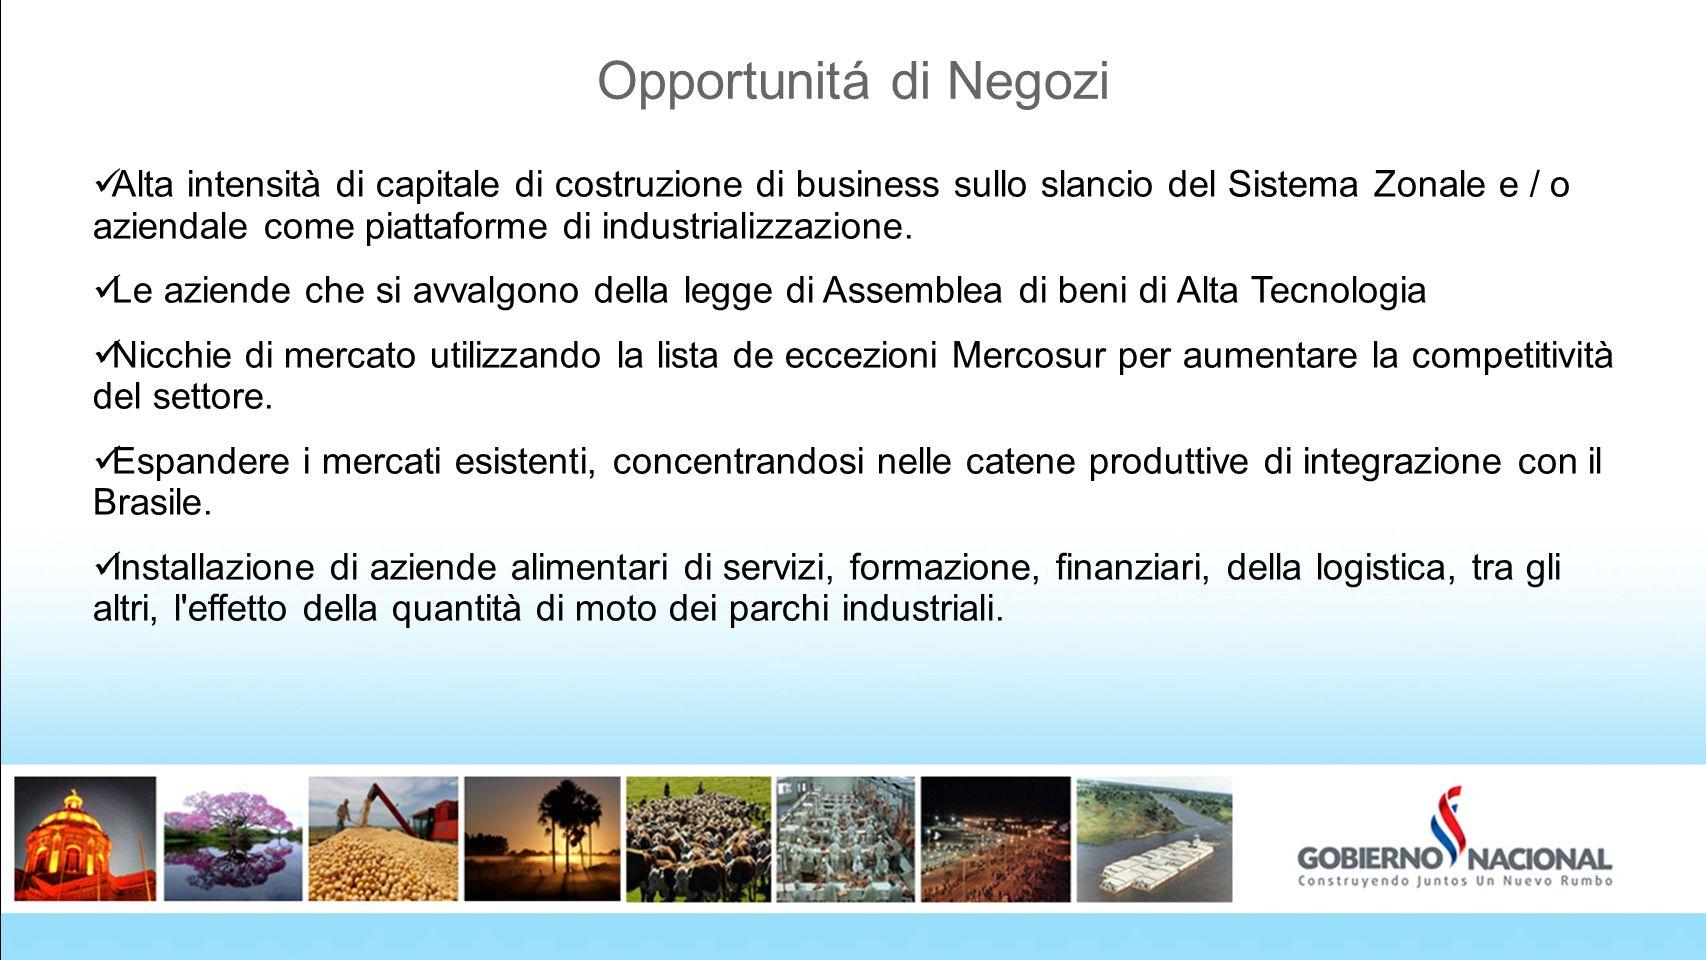 4242 Opportunitá di Negozi.